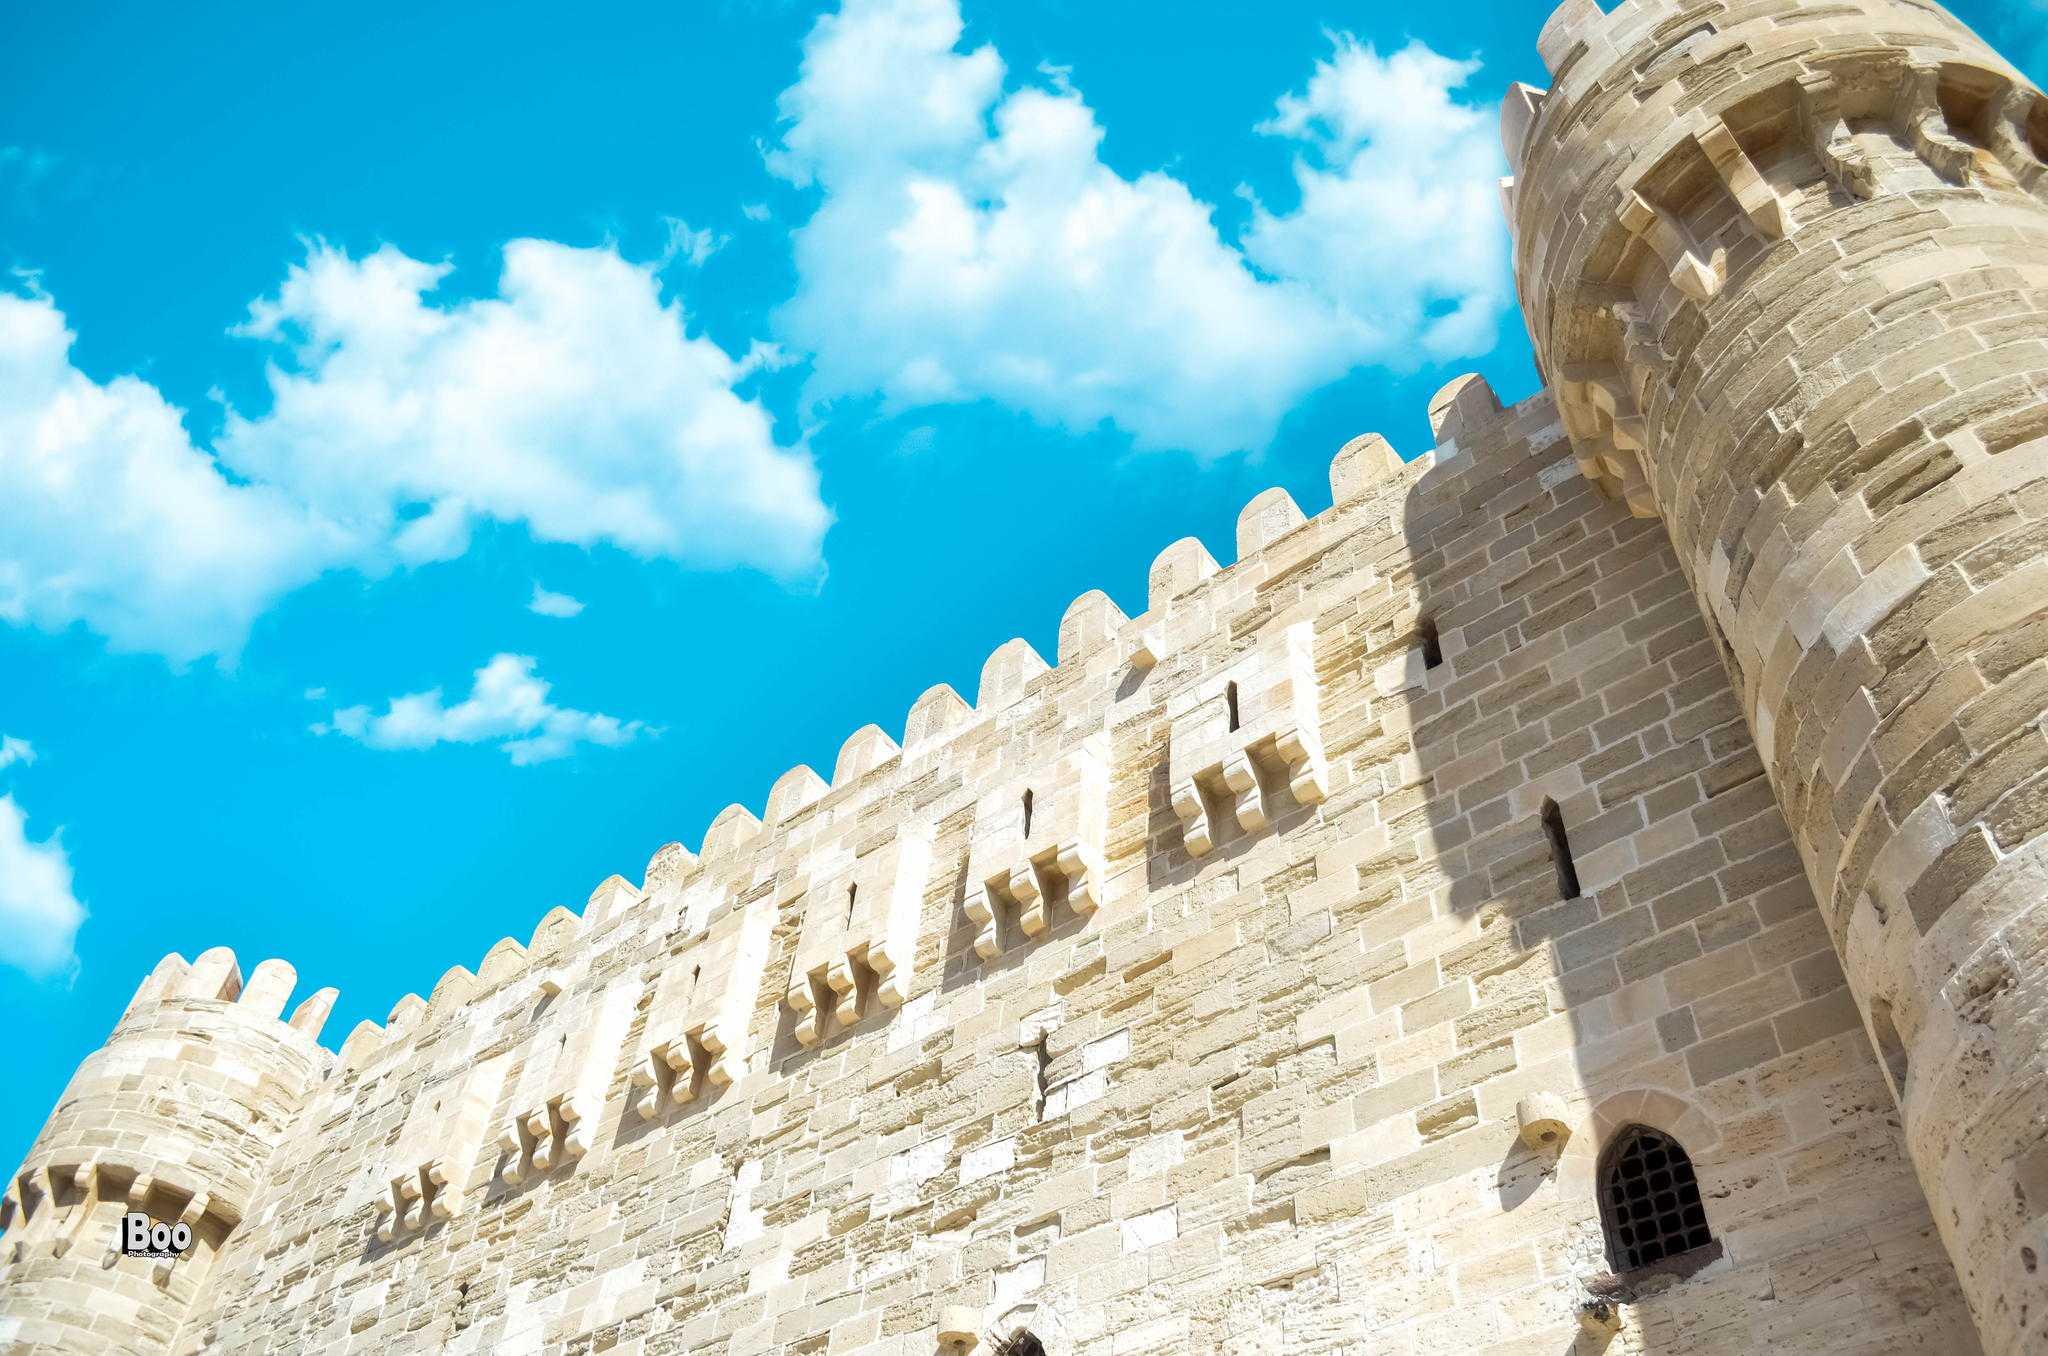 تعرف على قلعة قايتباي التاريخية في الاسكندرية 2018 950417156.jpg